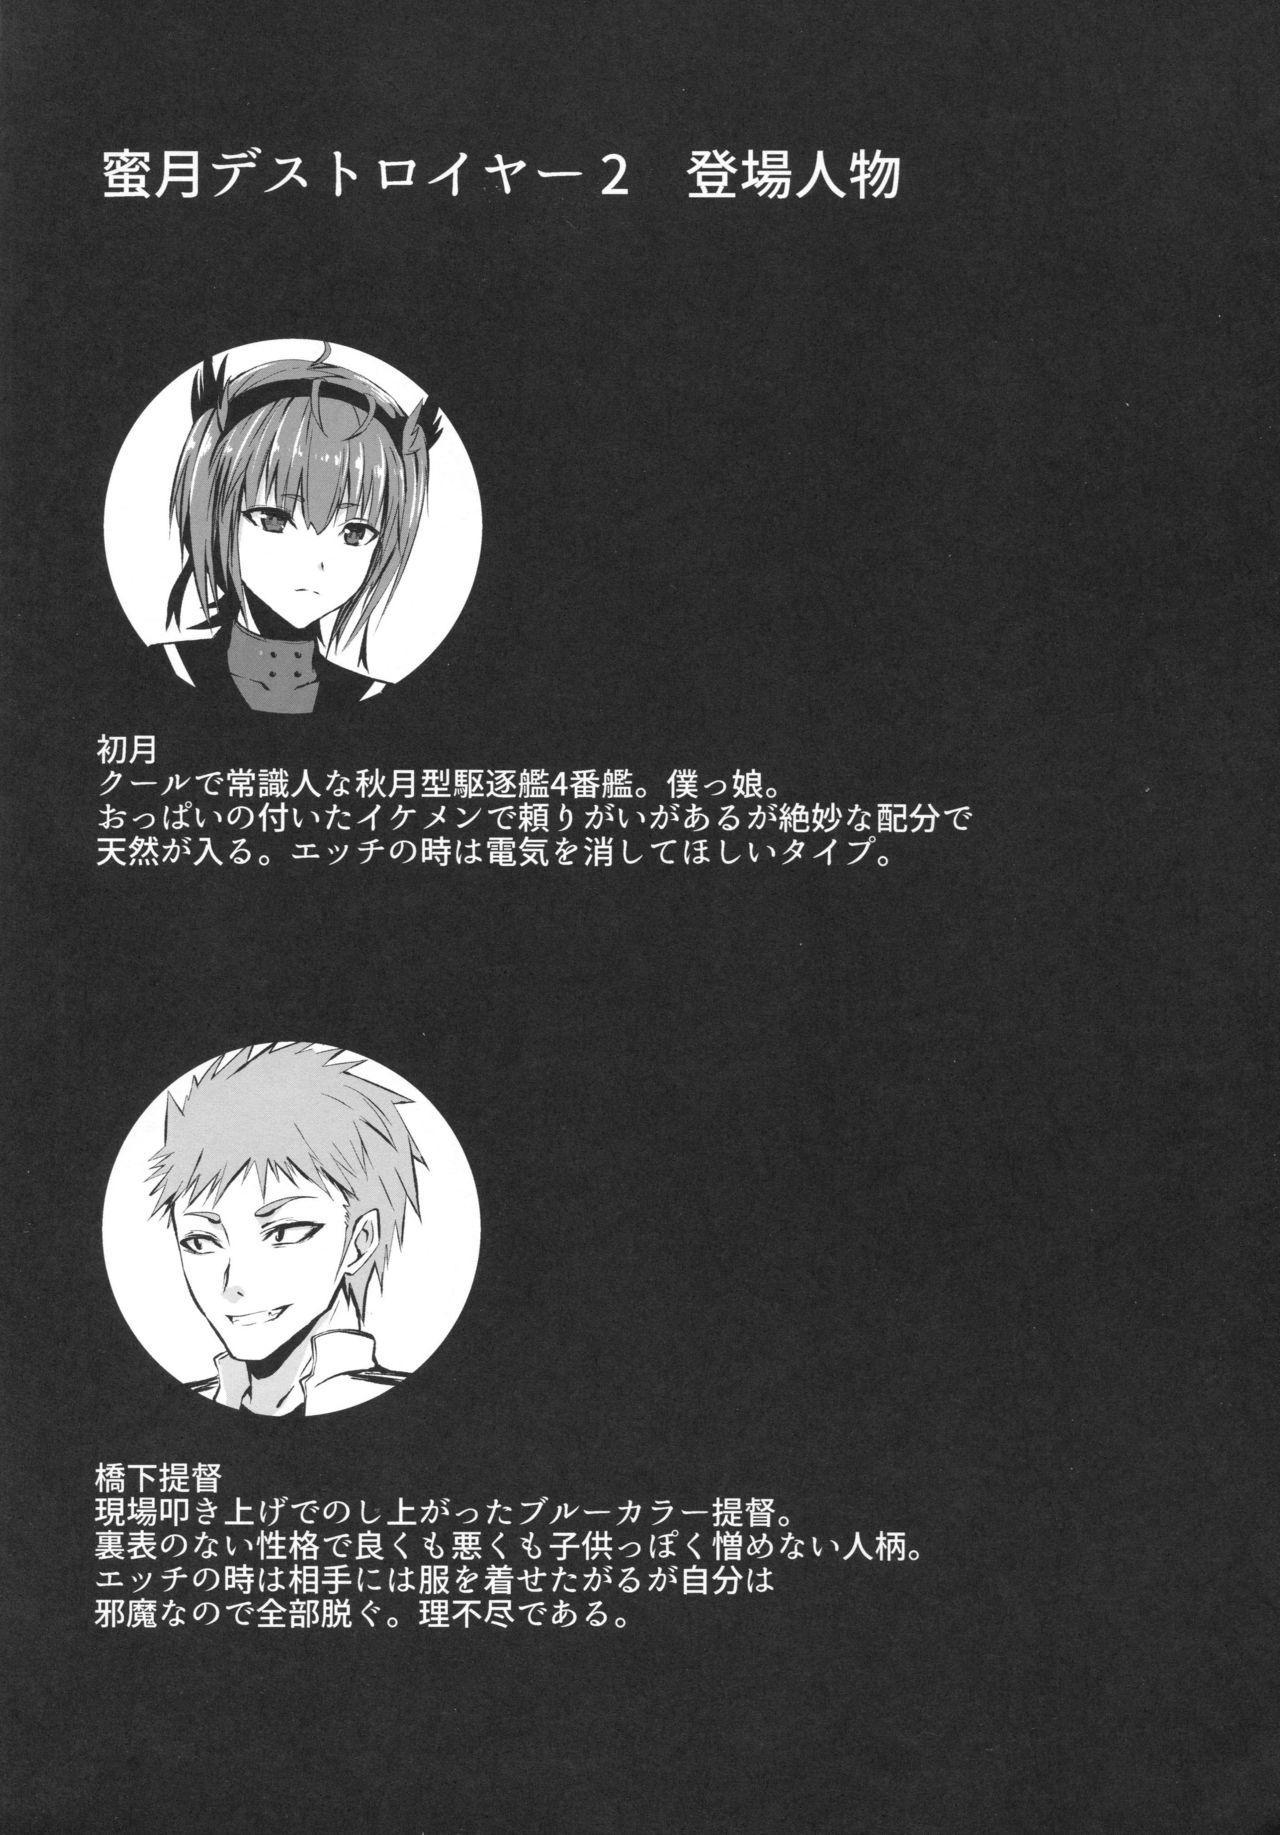 Mitsugetsu Destroyer 2 2